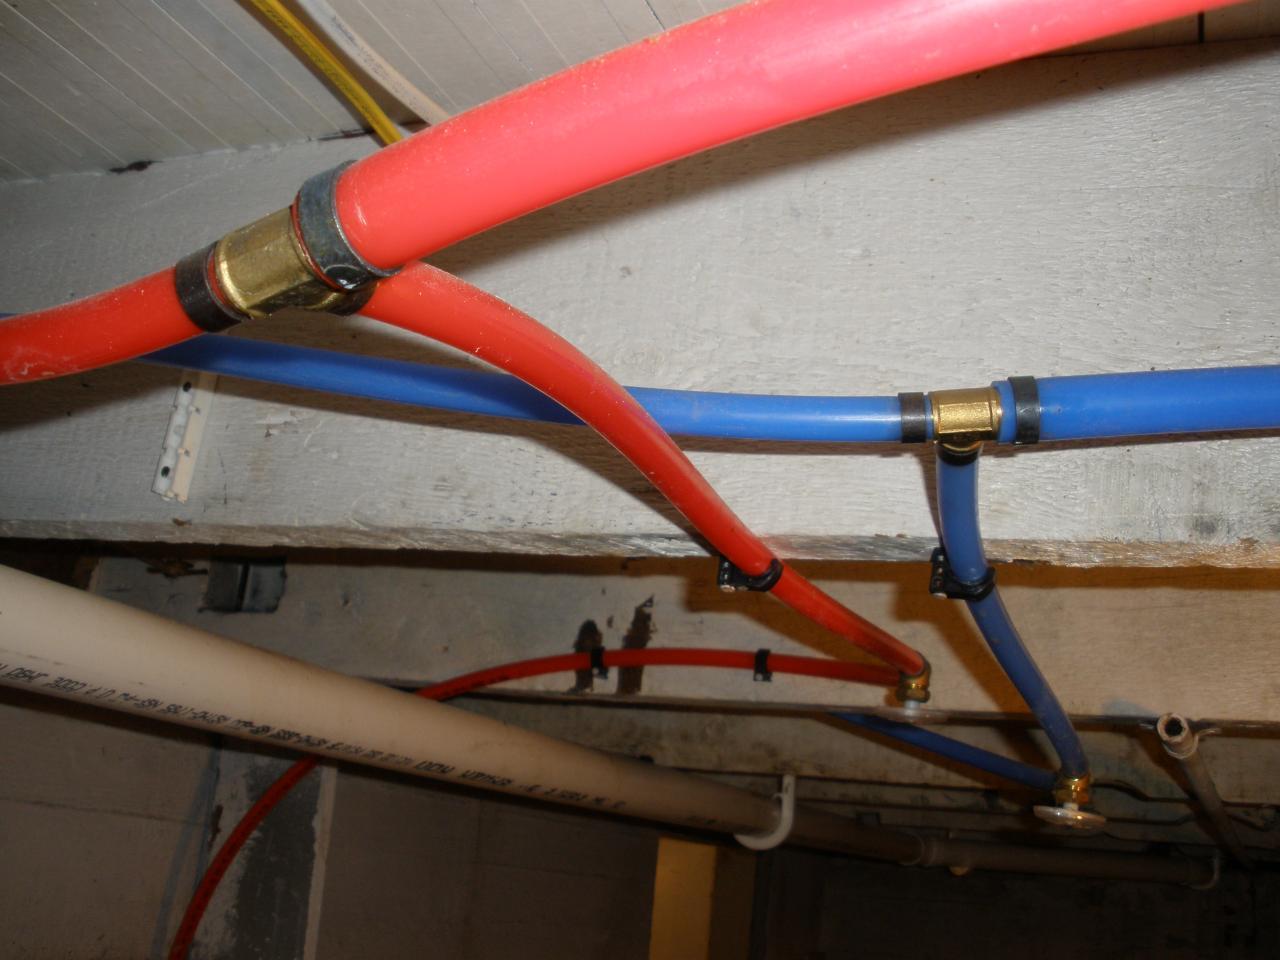 Royal Maintenance Llc Photo Comparison 2 Site Up